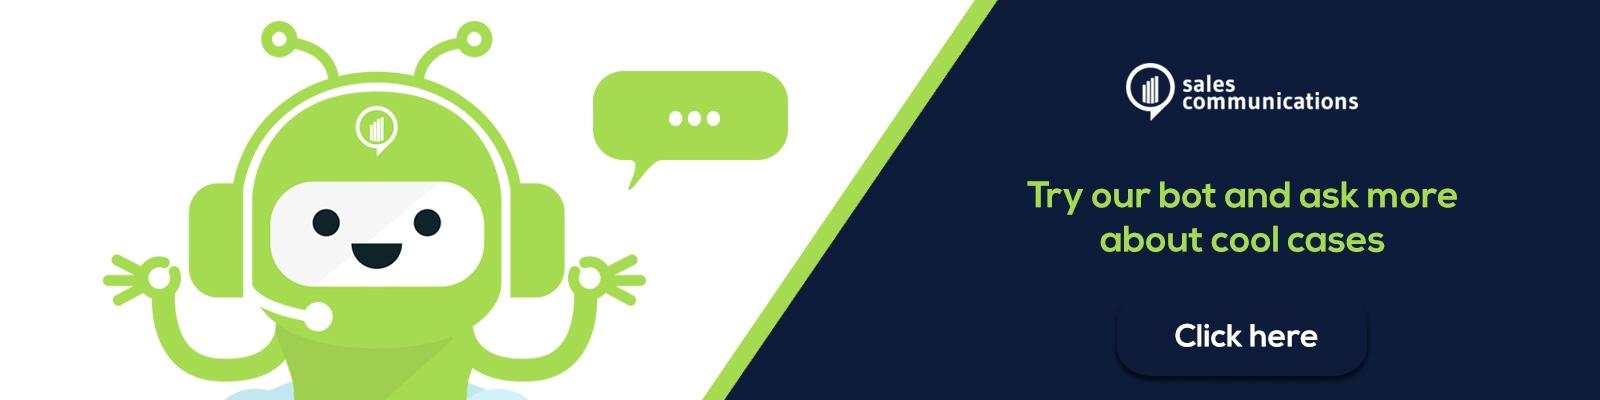 Sales Communications case